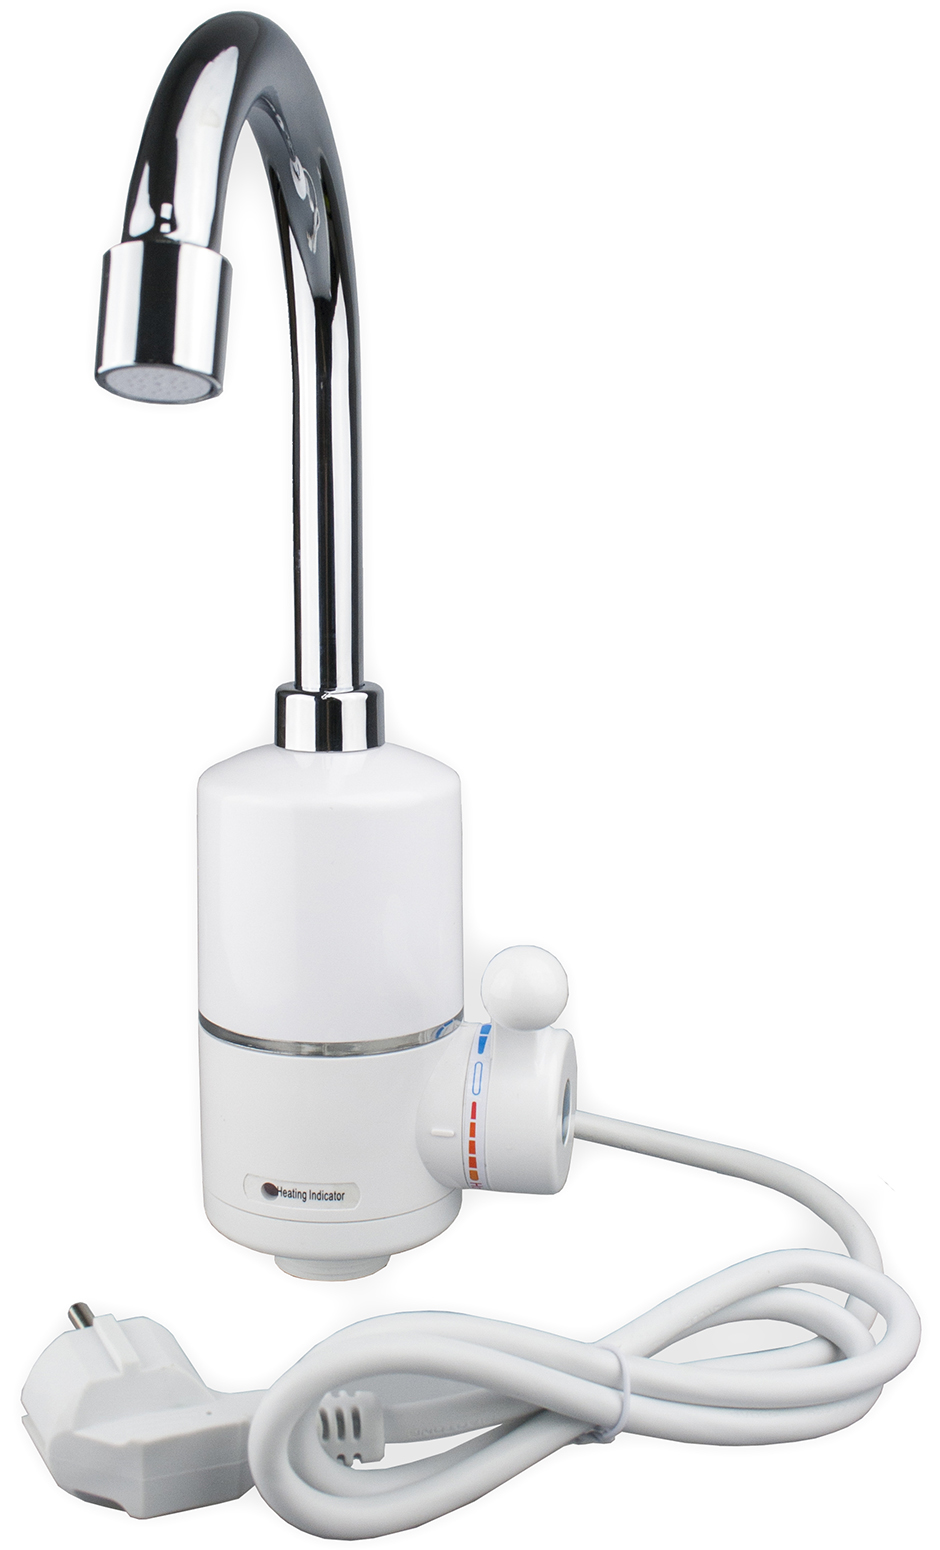 Водонагреватель проточный PROFFI ClASSIC, механическое управление, с термостатом, 3000 Вт, белый, серебристый